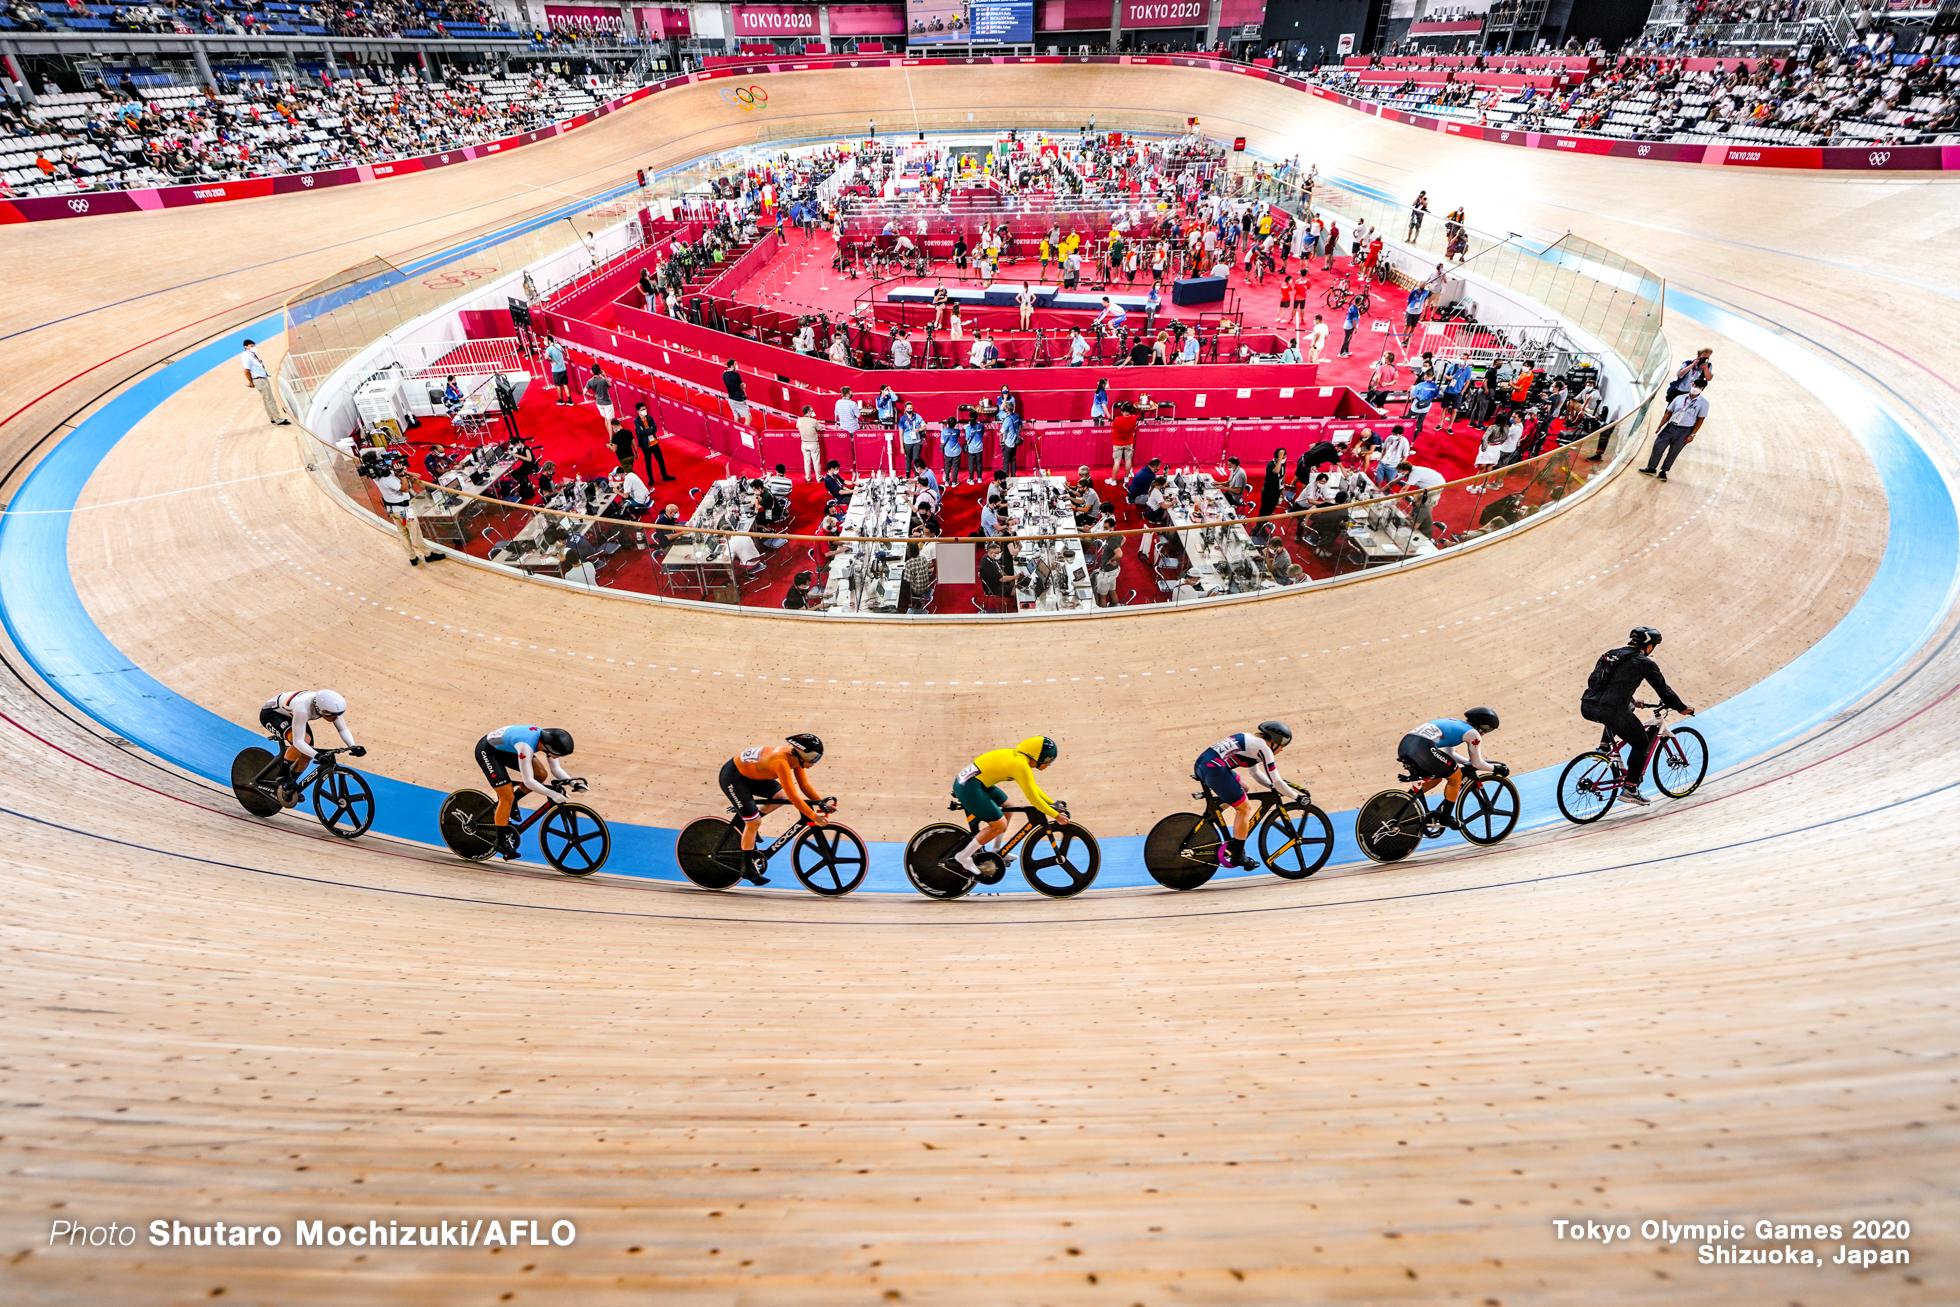 カーリー・マカラク Kaarle Mcculloch (AUS), ローリン・ジェネスト Lauriane Genest (CAN), ケルシー・ミシェル Kelsey Mitchell (CAN), エマ・ヒンツェ Emma Hinze (GER), シェーン・ブラスペニンクス Shanne Braspennincx (NED), ダリア・シュメレワ Daria Shmeleva (ROC), Women's Keirin Semi-Final AUGUST 5, 2021 - Cycling : during the Tokyo 2020 Olympic Games at the Izu Velodrome in Shizuoka, Japan. (Photo by Shutaro Mochizuki/AFLO)